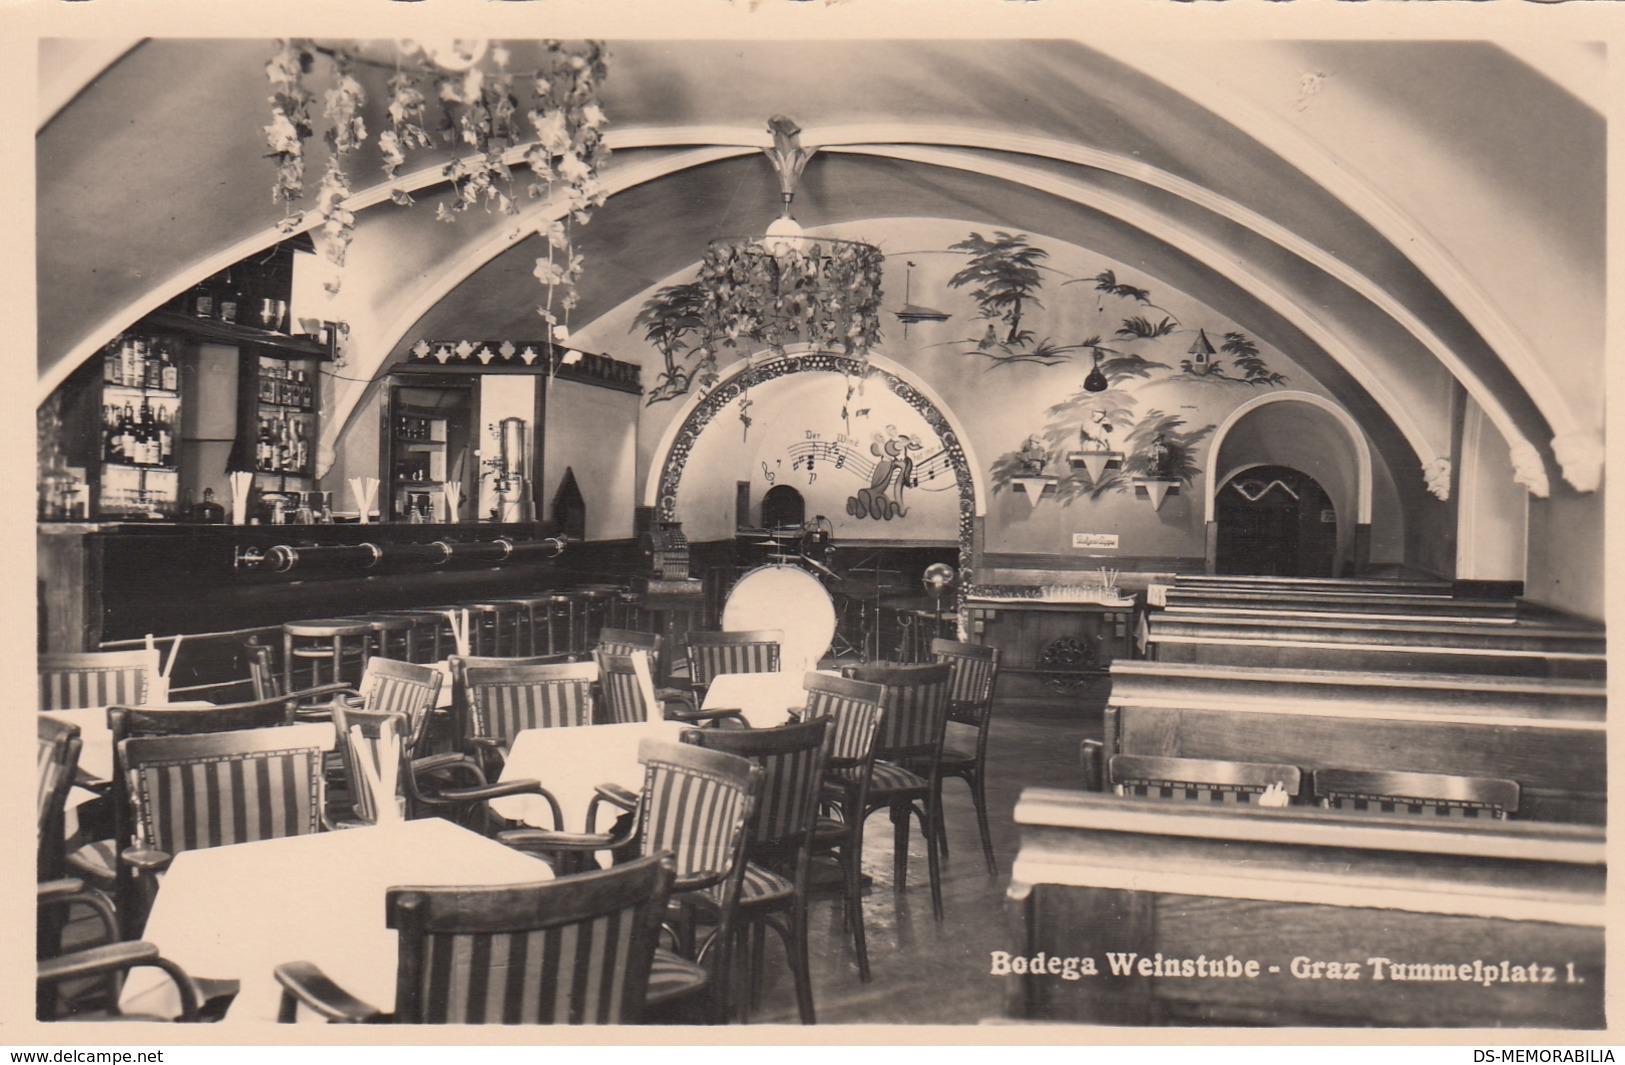 Graz - Bodega Weinstube - Graz